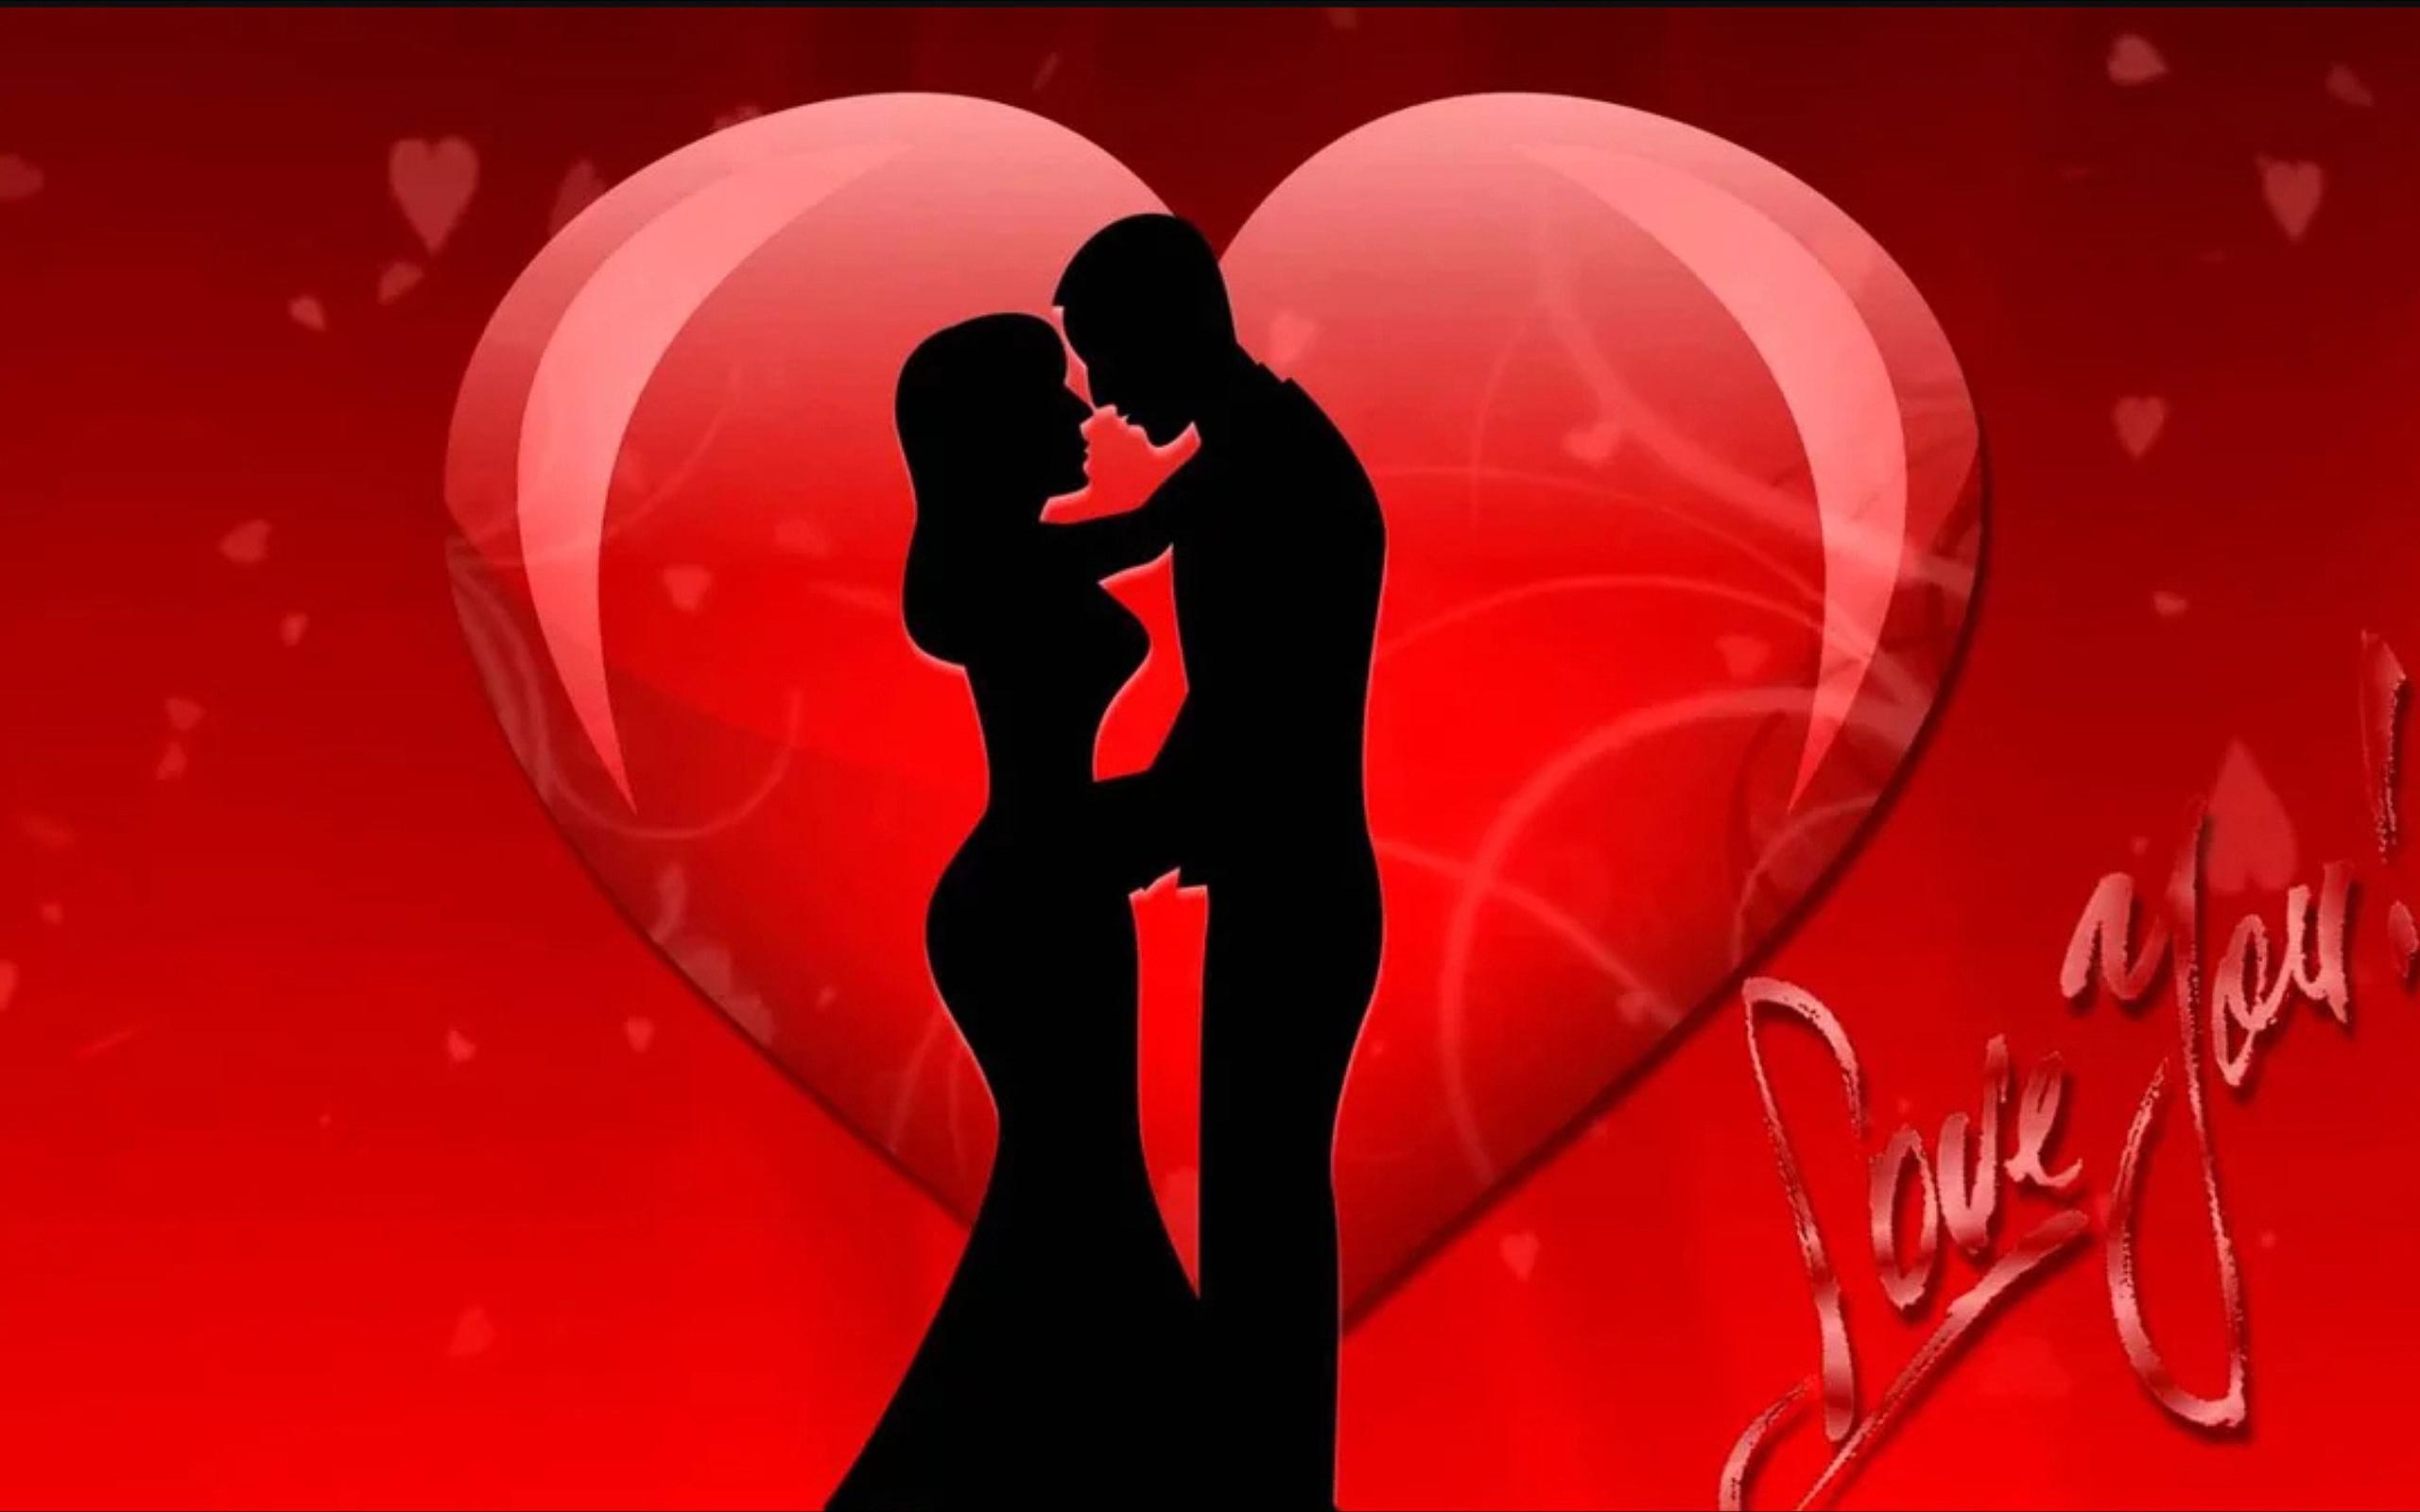 любовь, он, она, сердечко, love you